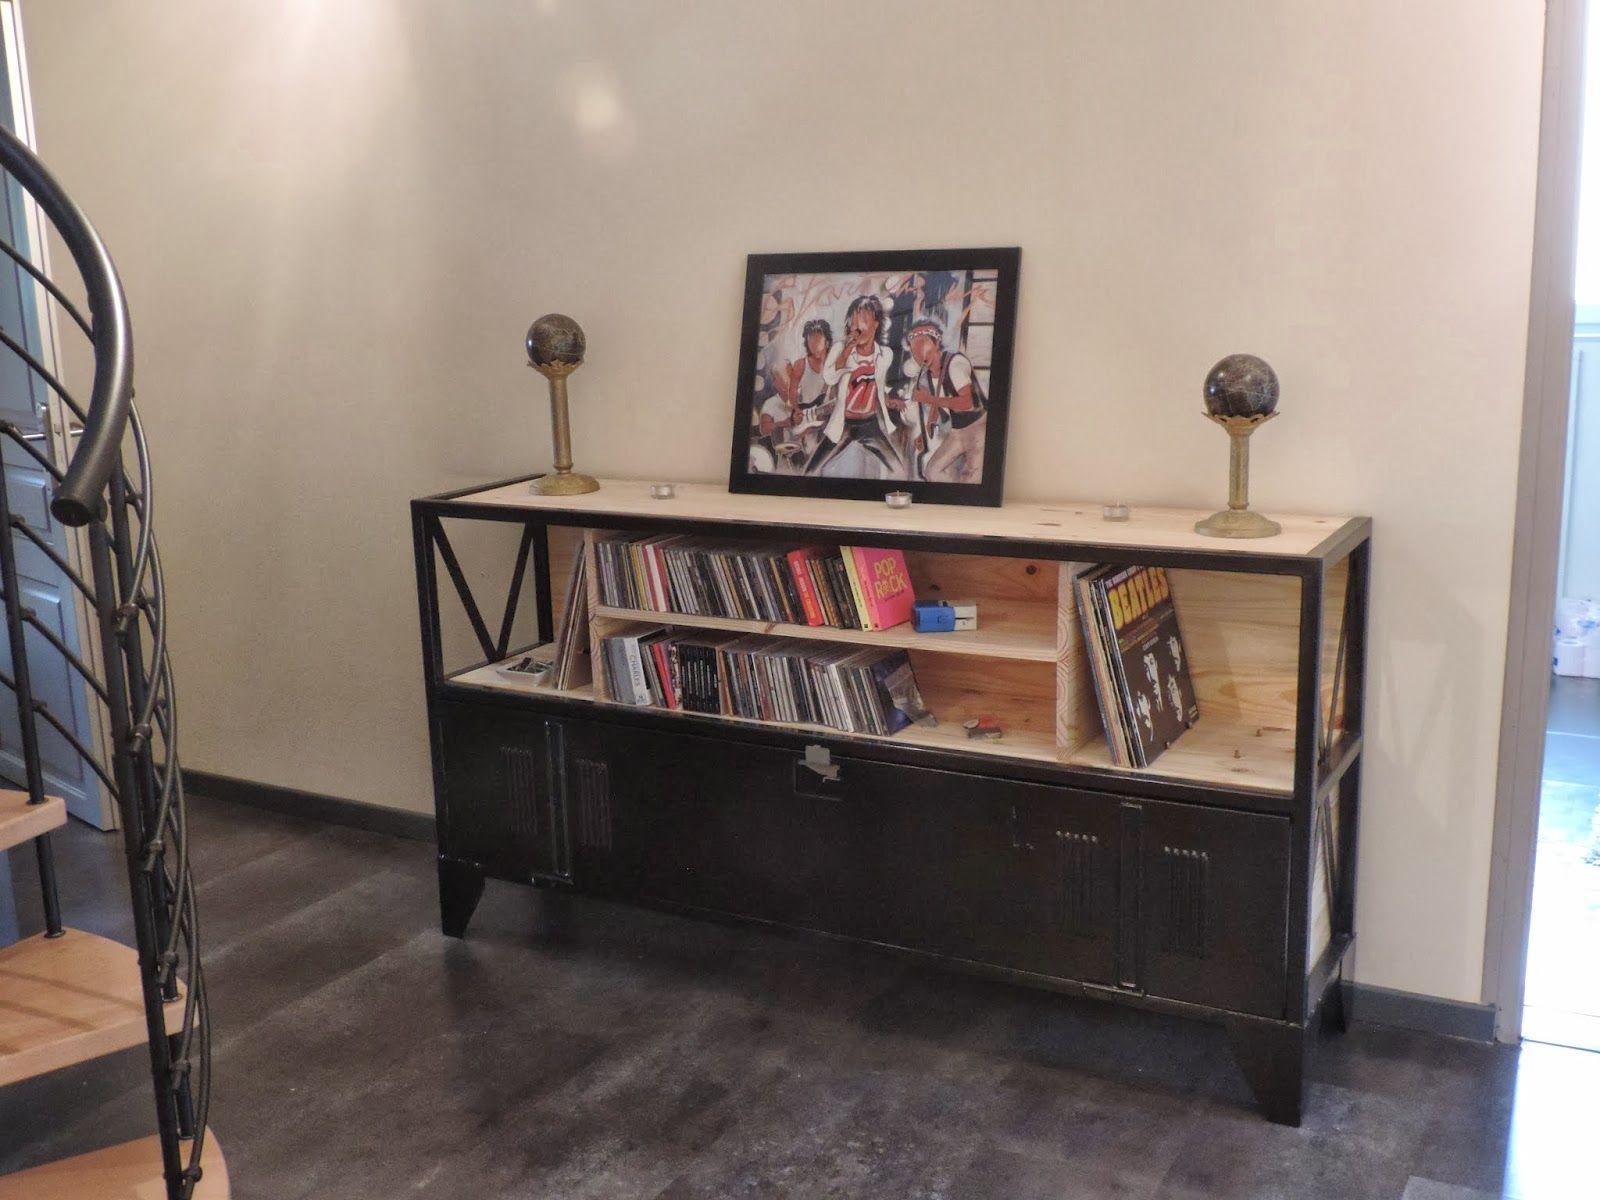 Mon mobilier industriel mon mobilier vintage restaurer r nover d tourner meuble tv - Meuble tv vestiaire metallique ...